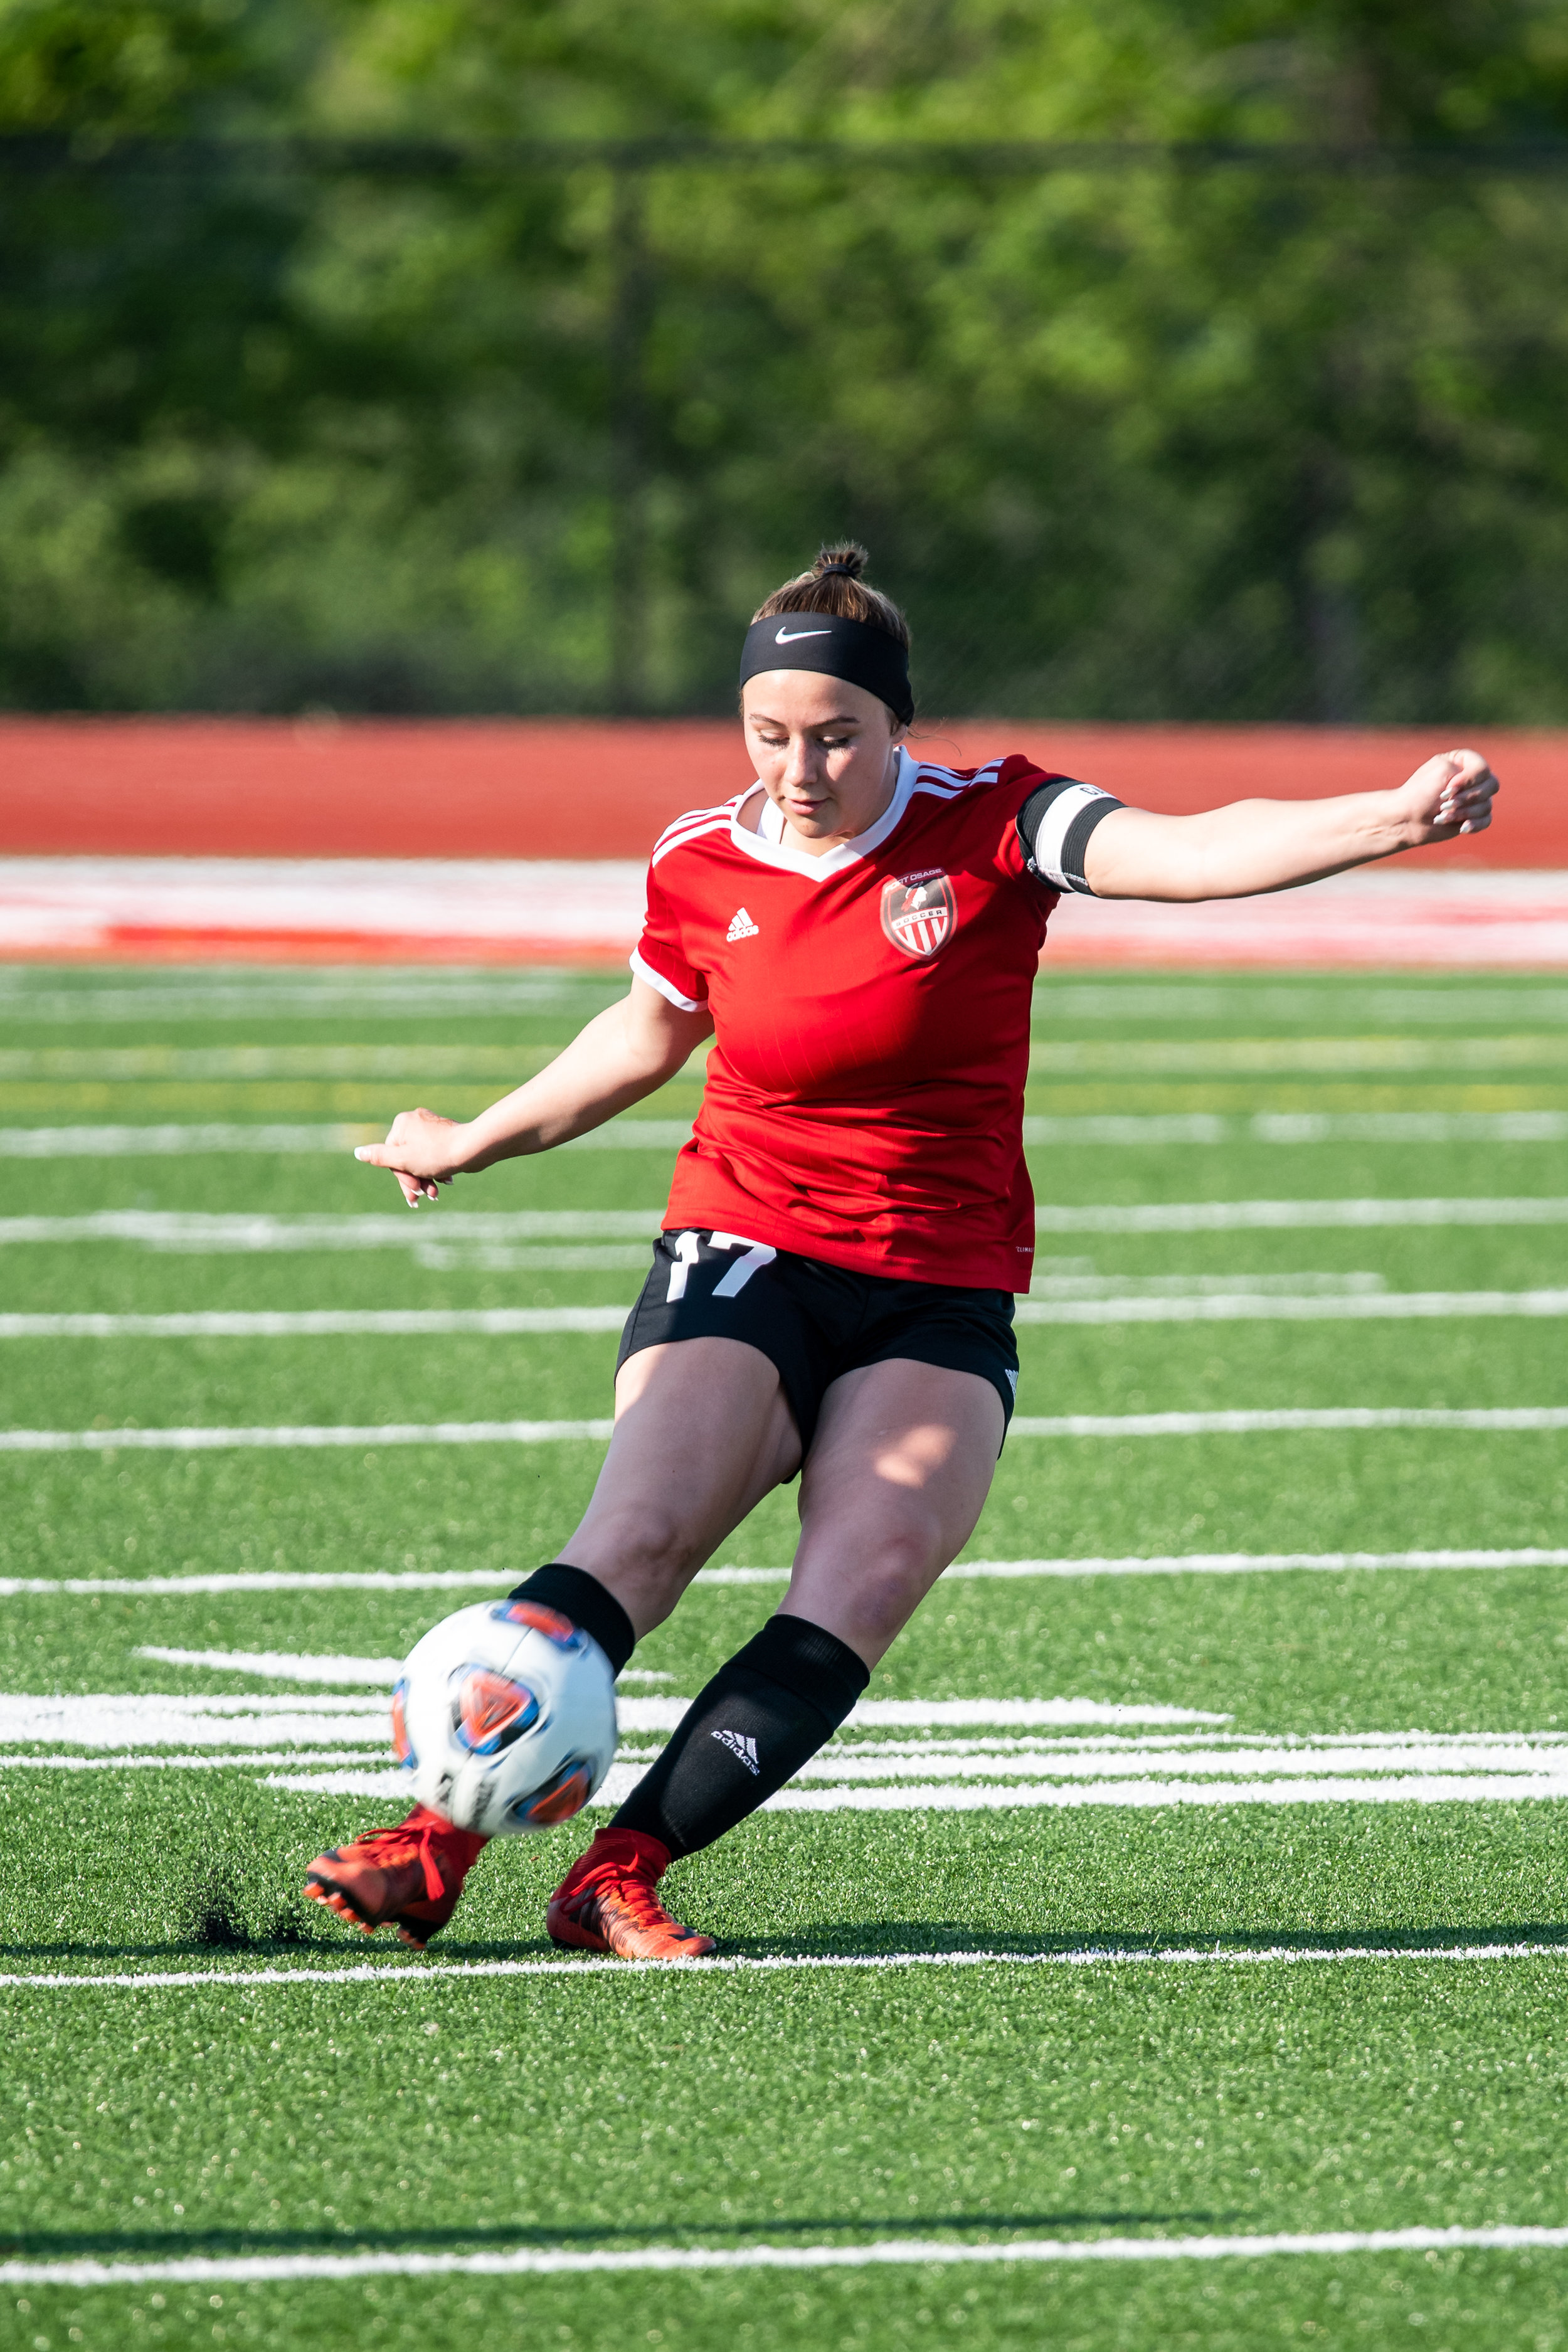 fort-osage-girls-soccer-vs-truman_47854833041_o.jpg